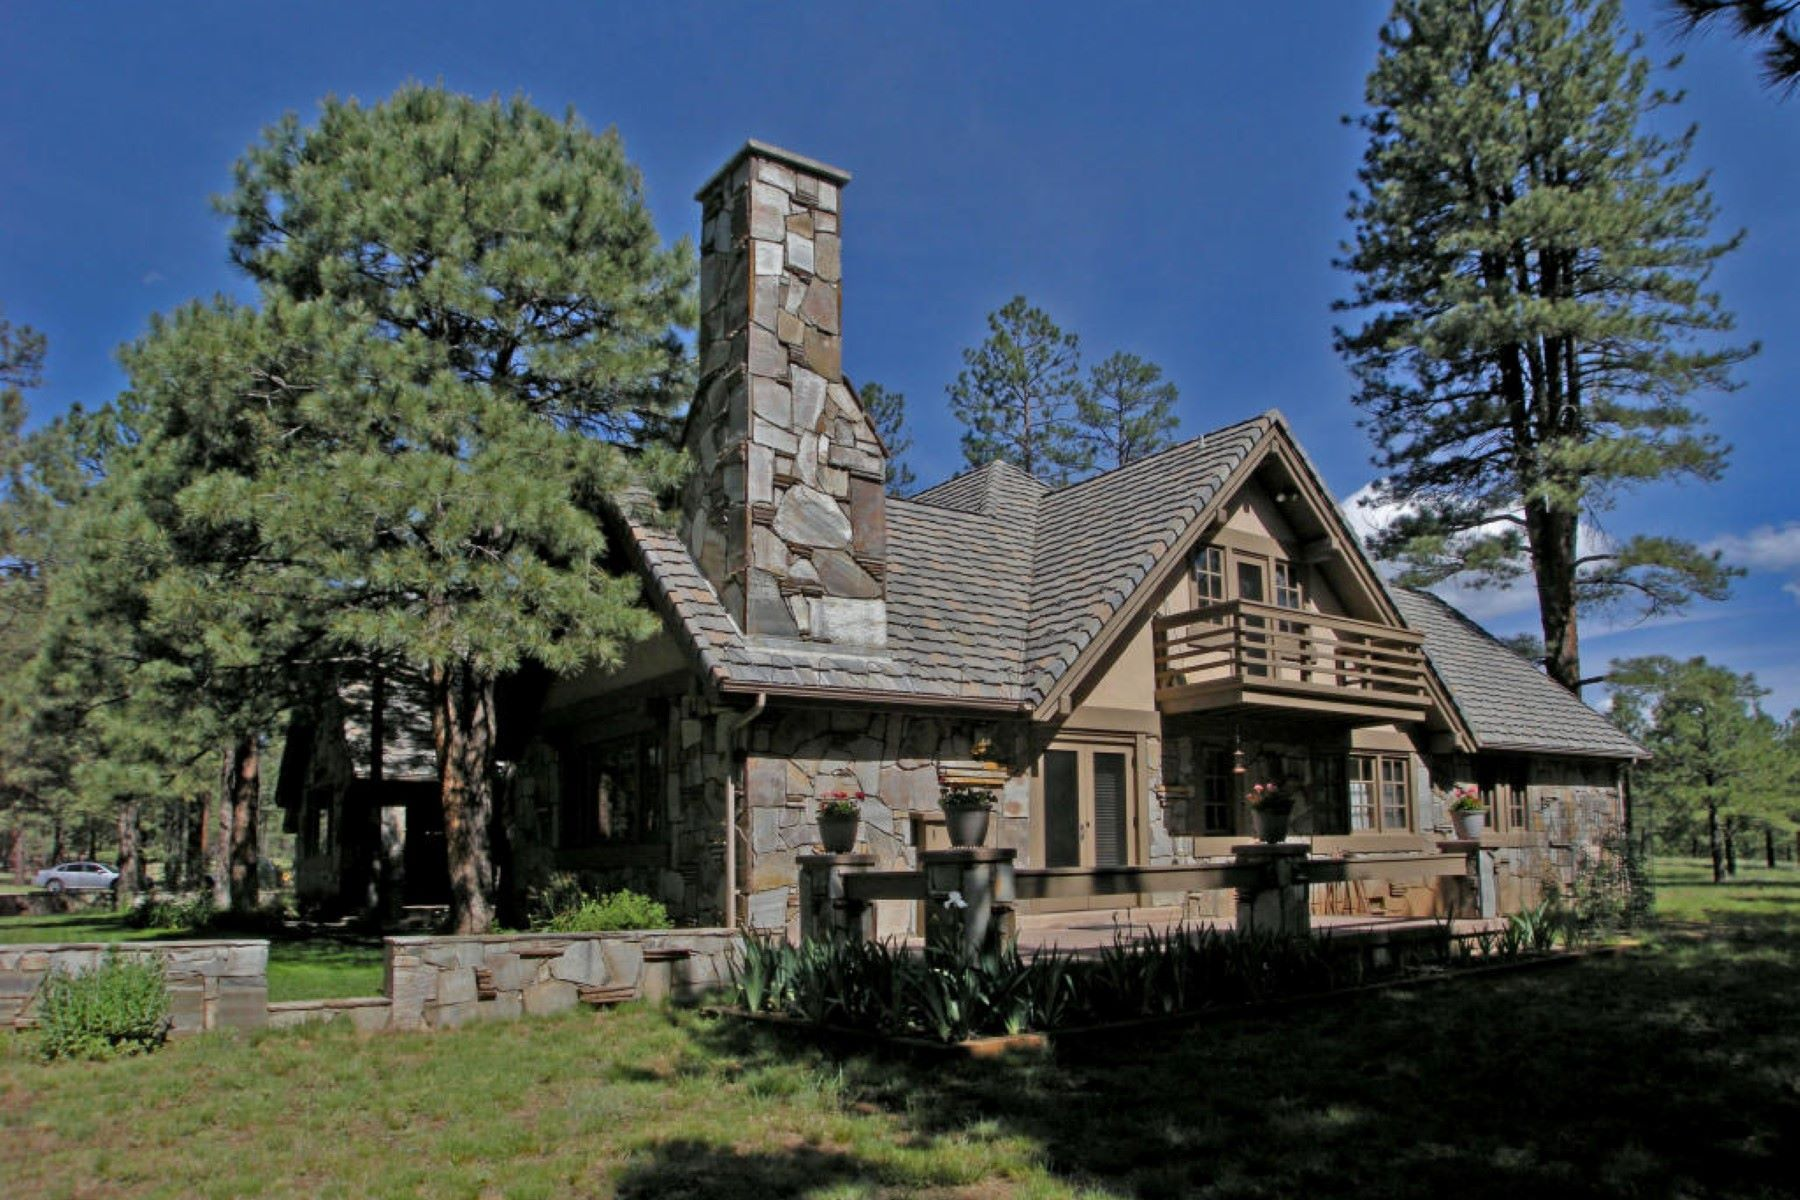 獨棟家庭住宅 為 出售 在 Extraordinary Land with an exceptional home situated on 26 acres. 4100 Hidden Hollow RD Flagstaff, 亞利桑那州, 86001 美國